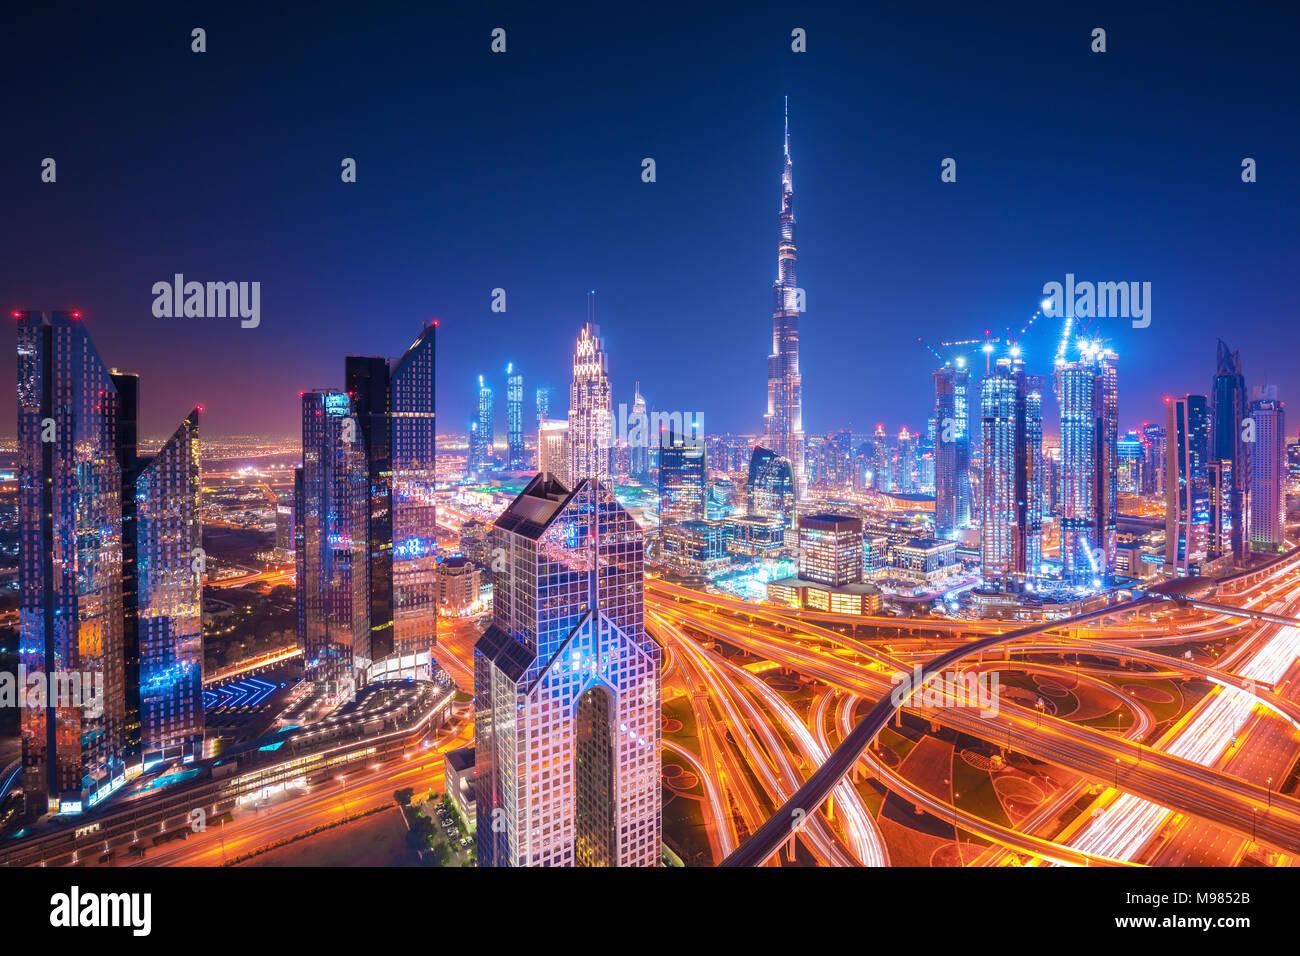 Skyline von Dubai bei Sonnenuntergang mit schönen Stadtzentrum Lichter und der Sheikh Zayed Road, Dubai, Vereinigte Arabische Emirate Stockbild